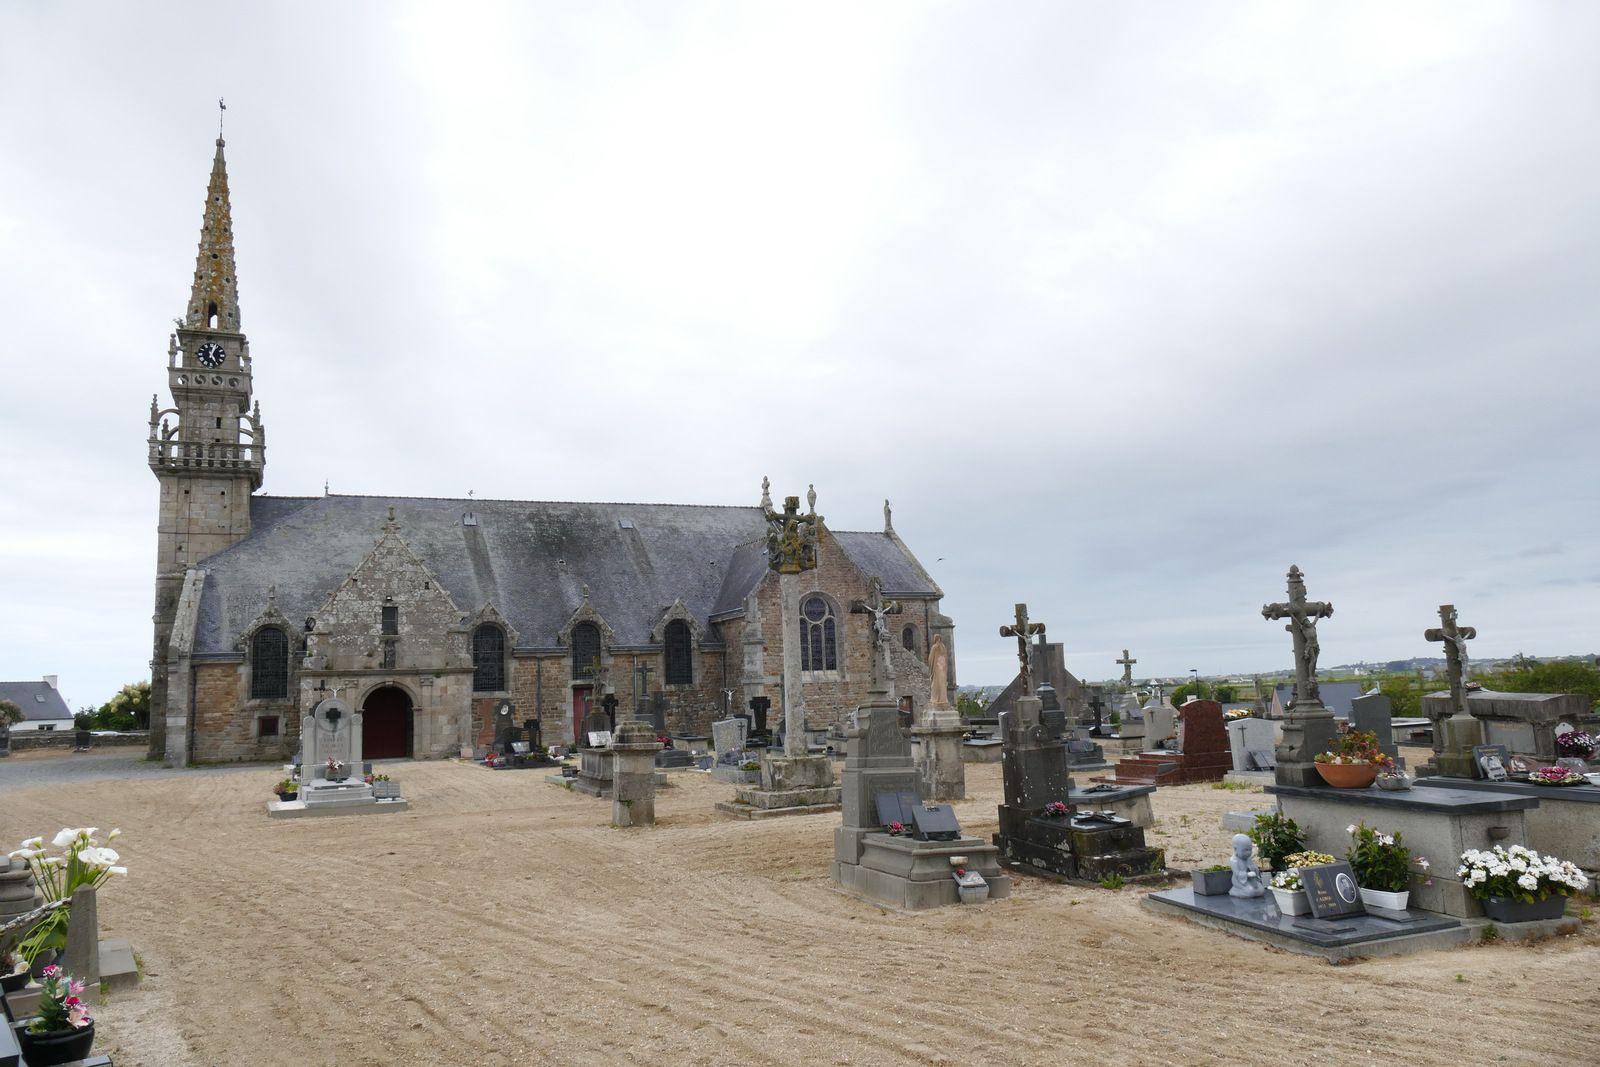 Le cimetière de l'église de Plougoulm. Photographie lavieb-aile juin 2021.